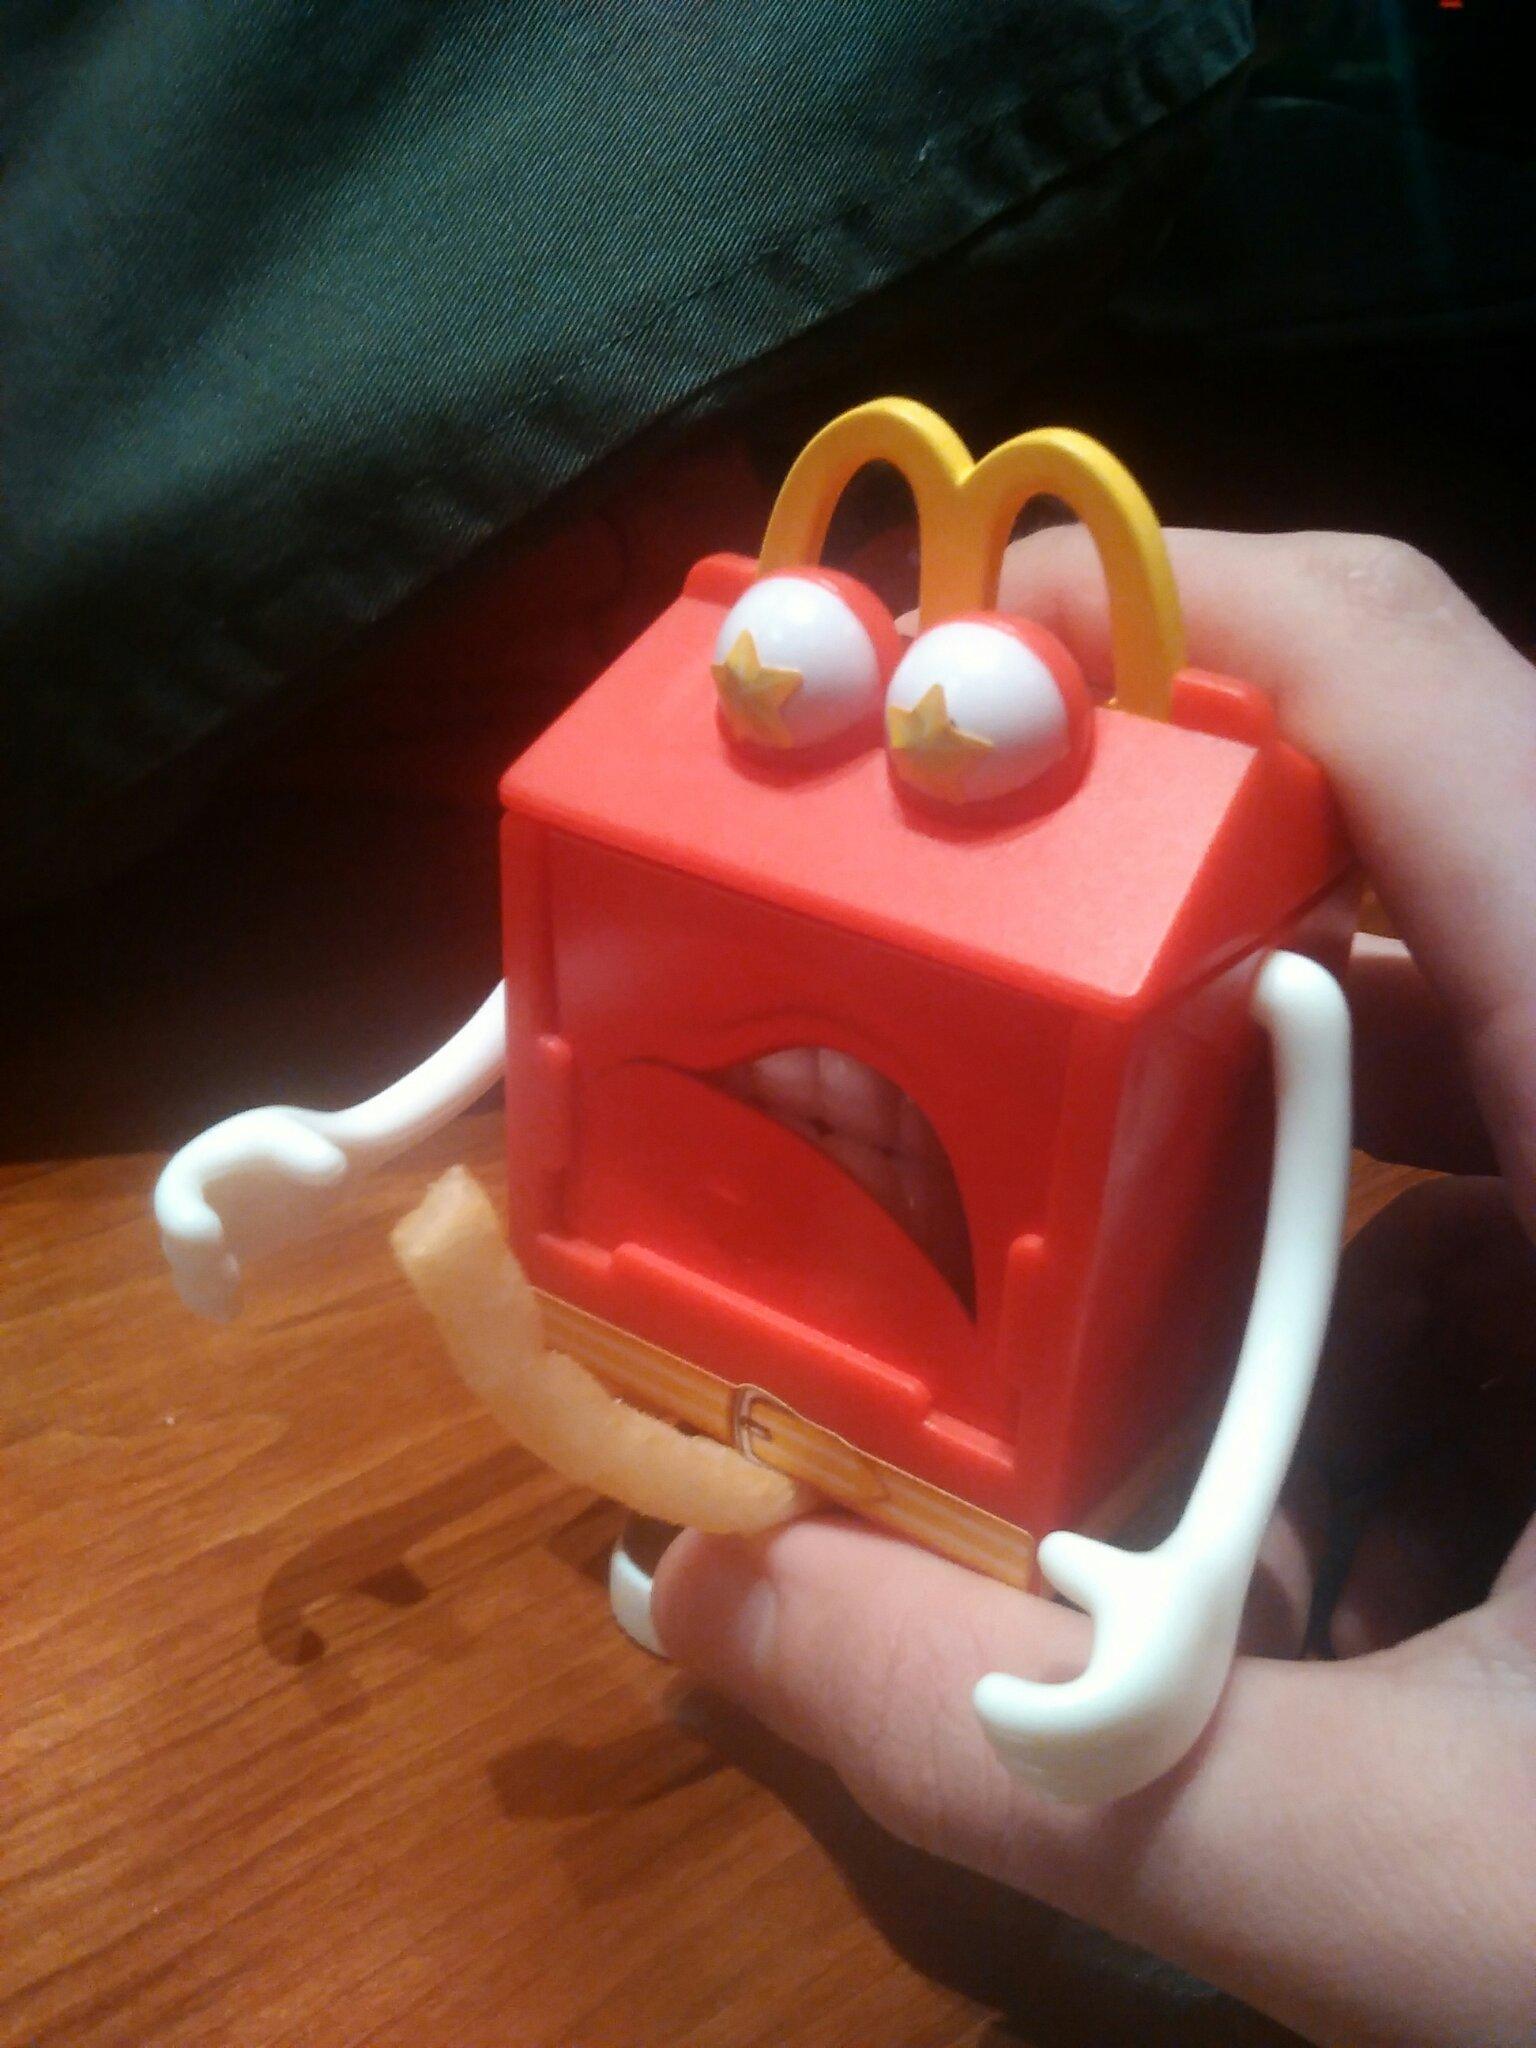 Mon esprit pervers chez McDo (Qui veut ma bonne frite ?) - meme